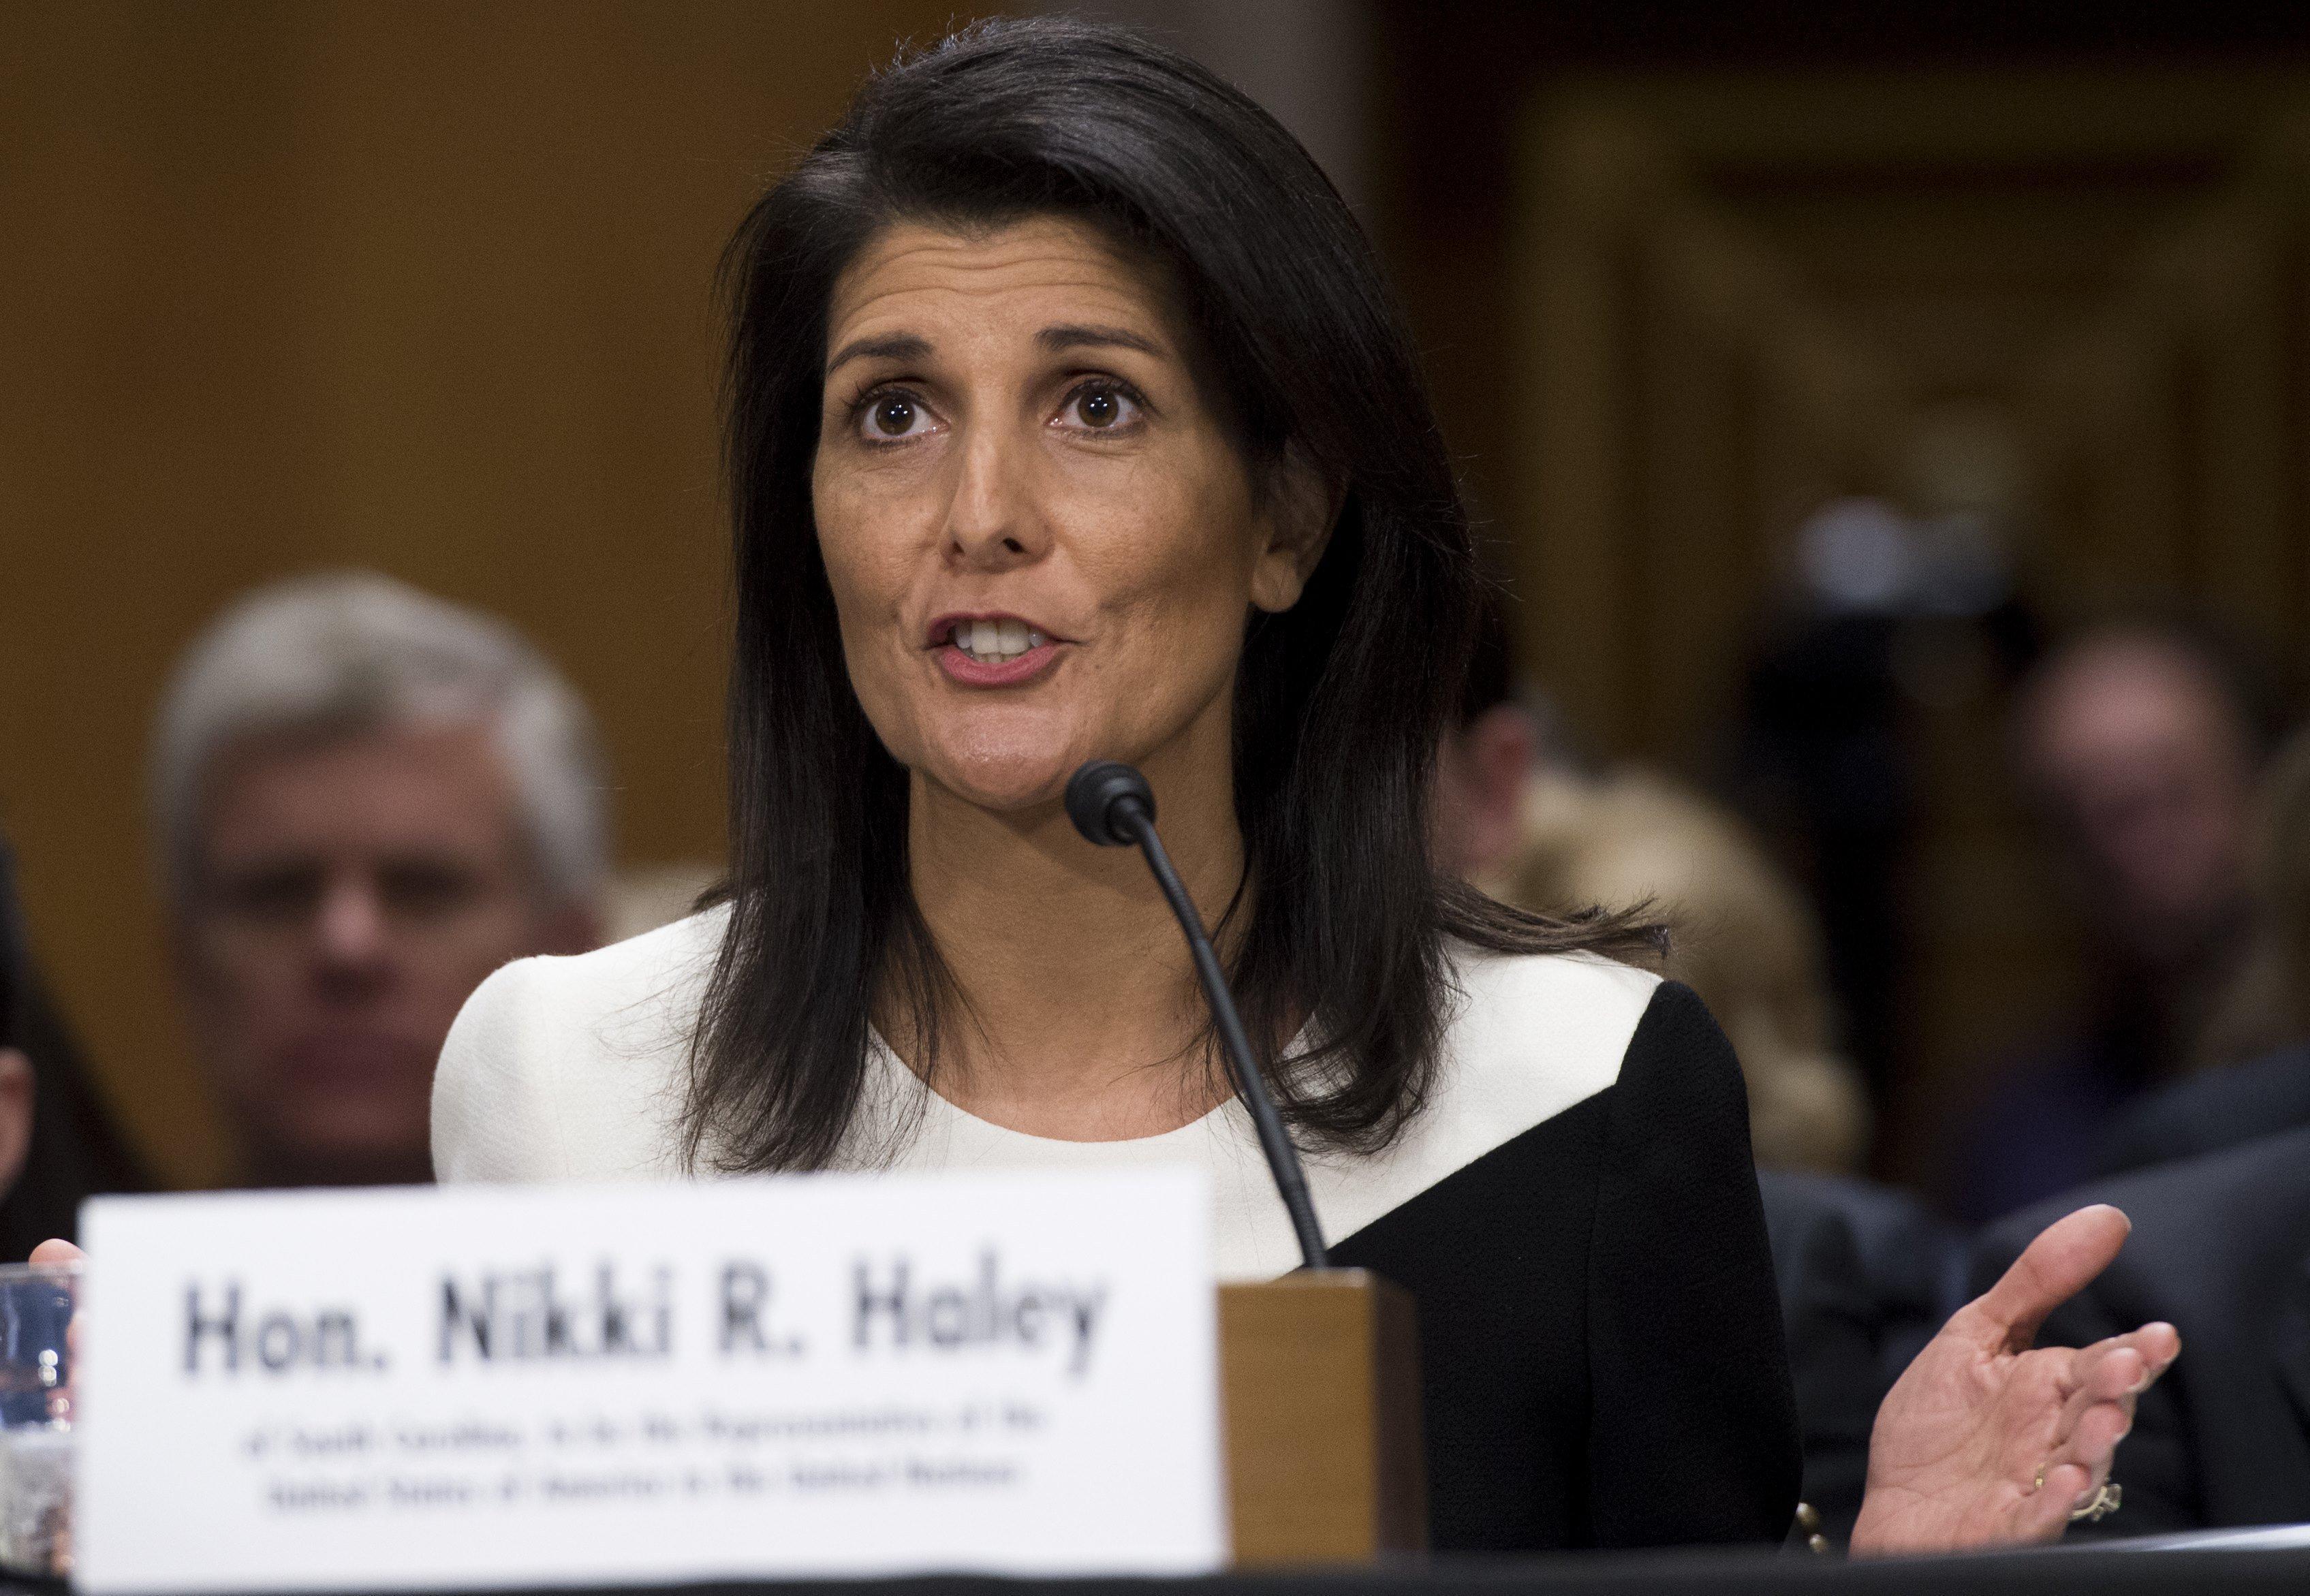 Nikki Haley at confirmation hearing